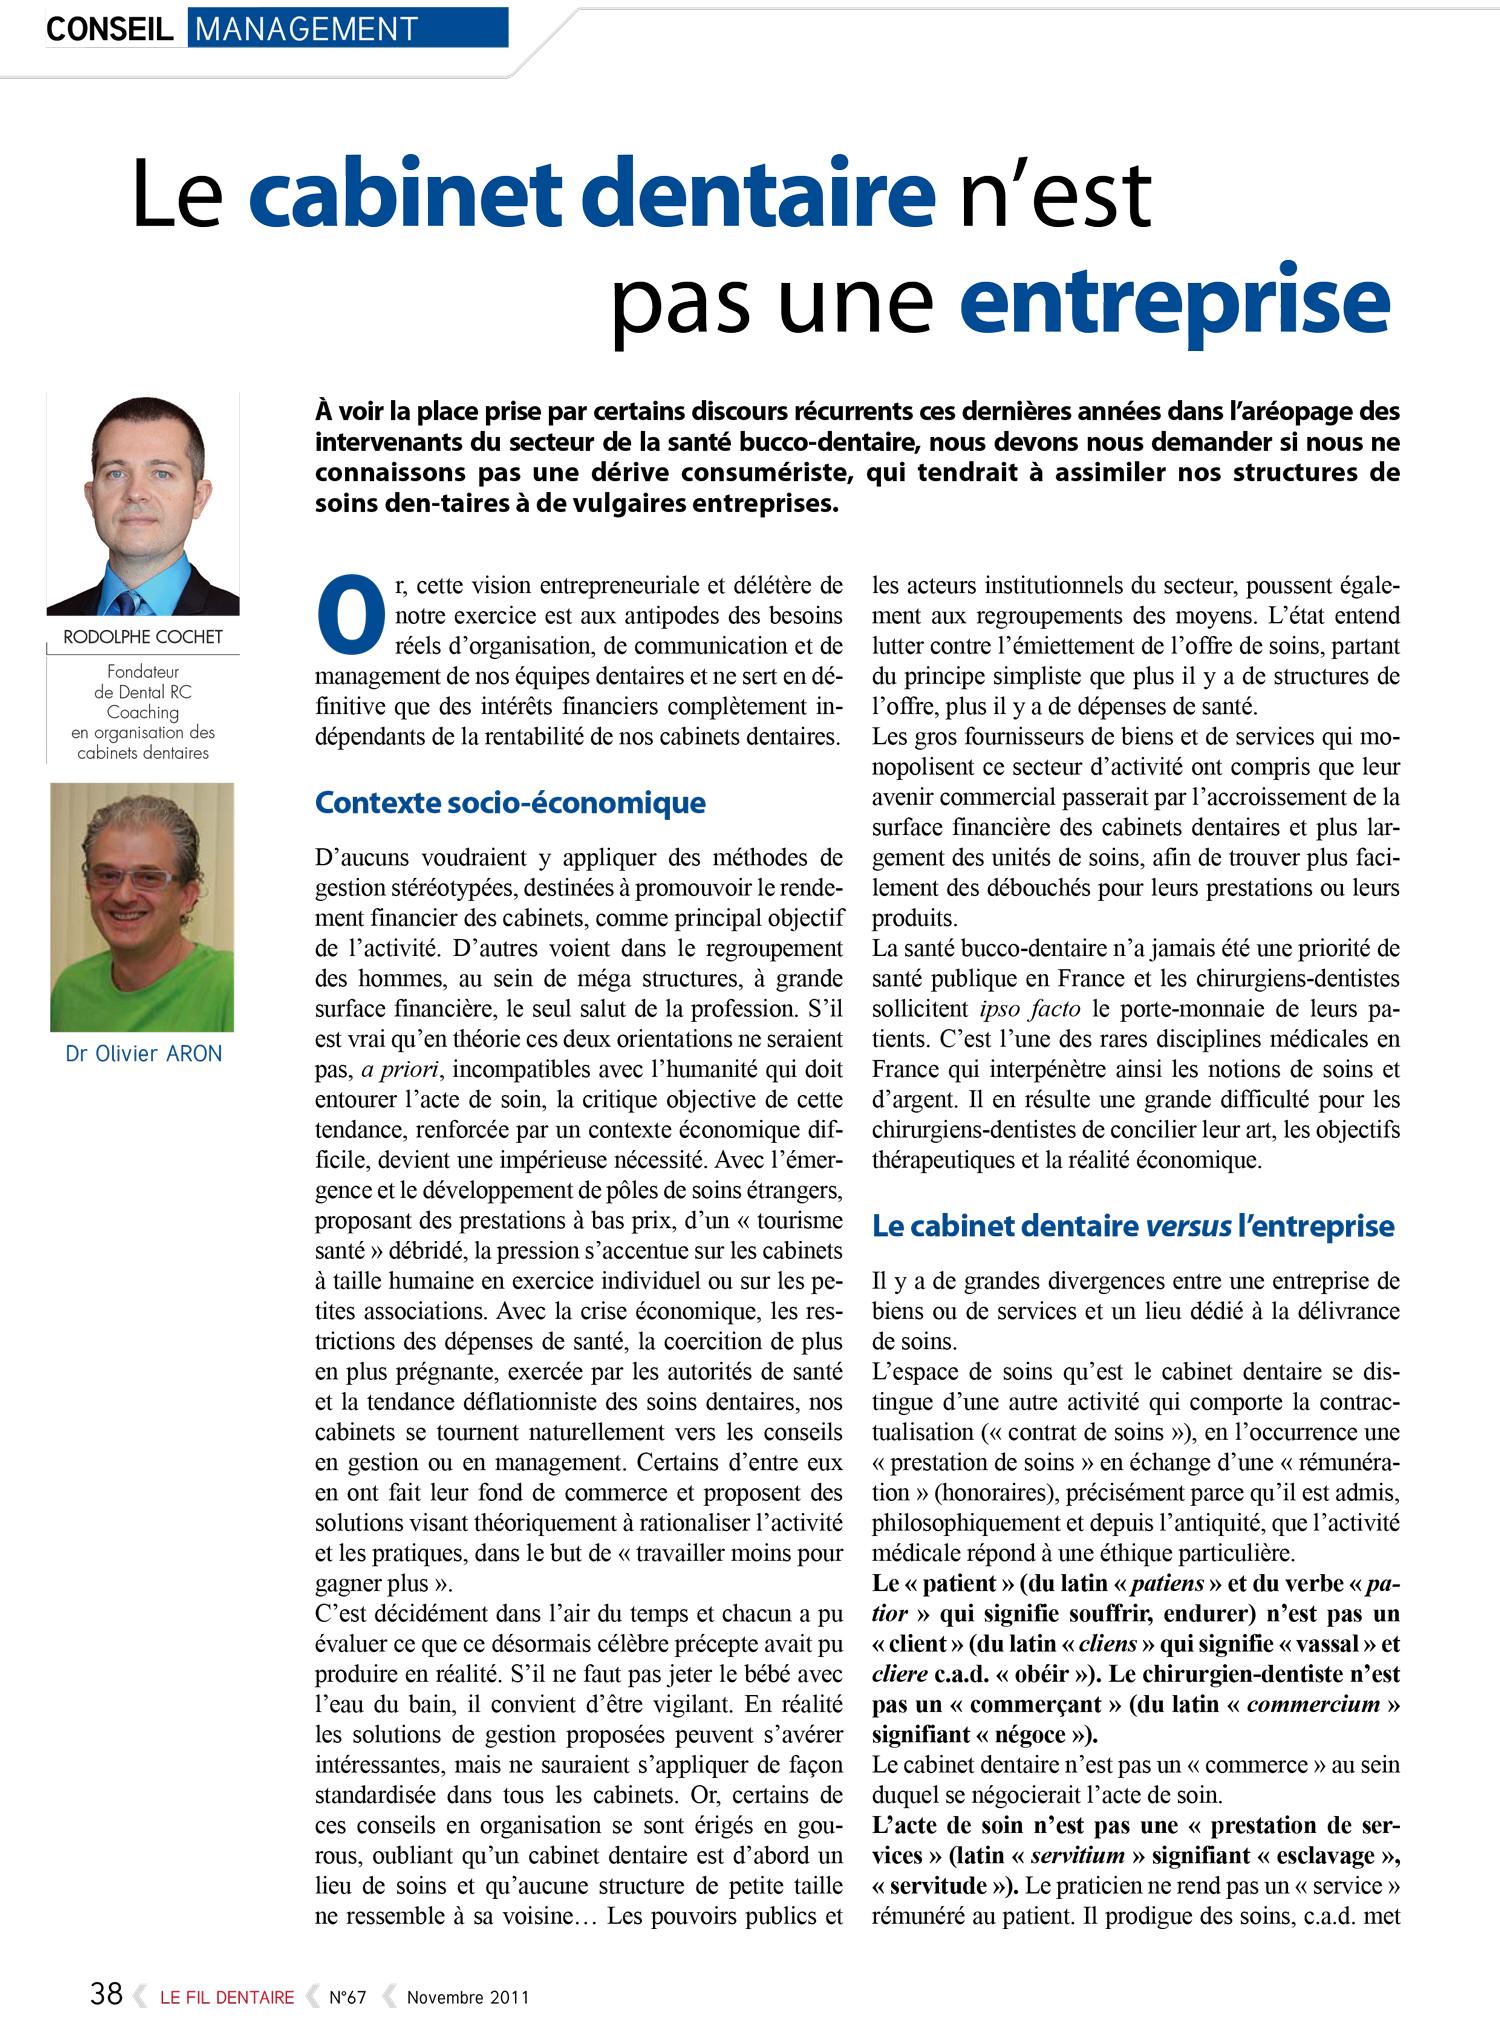 cabinet-dentaire-dentiste-entreprise-marketing-olivier-aron-rodolphe-cochet-strasbourg-1.jpg